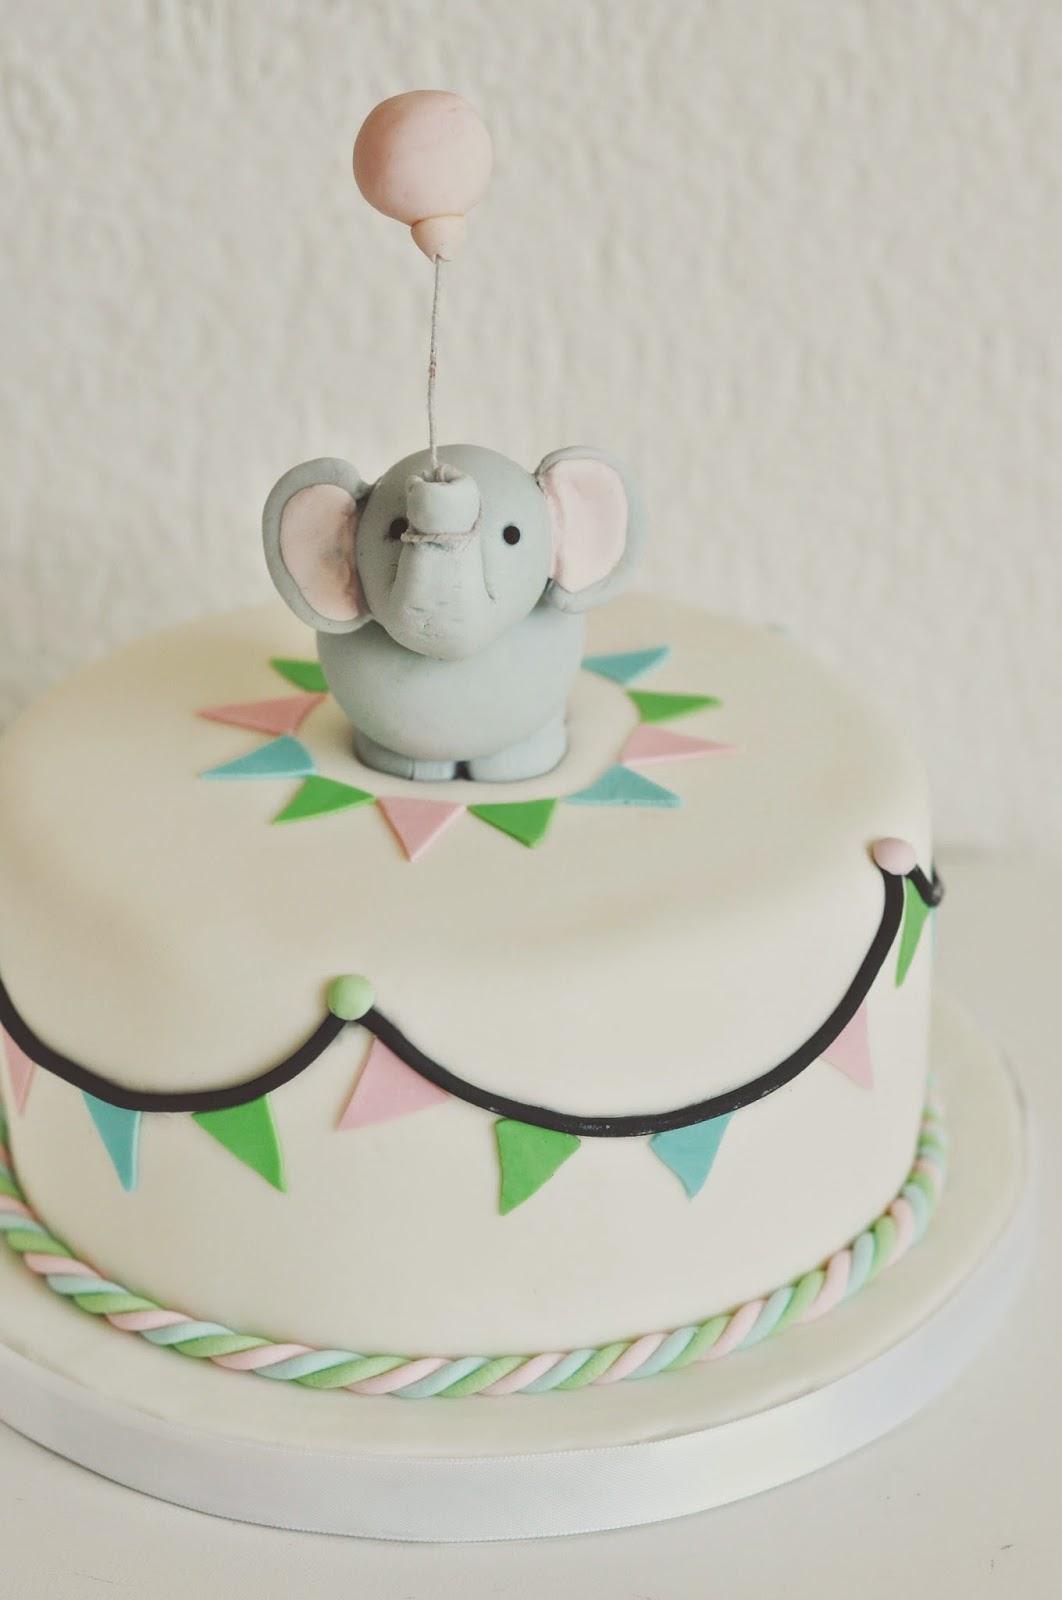 Elefanten Geburtstagkuchen Kindergeburtstag Fondant Zuckerpaste Sugarpaste Figure Modelling Torten dekorieren Kinder Children